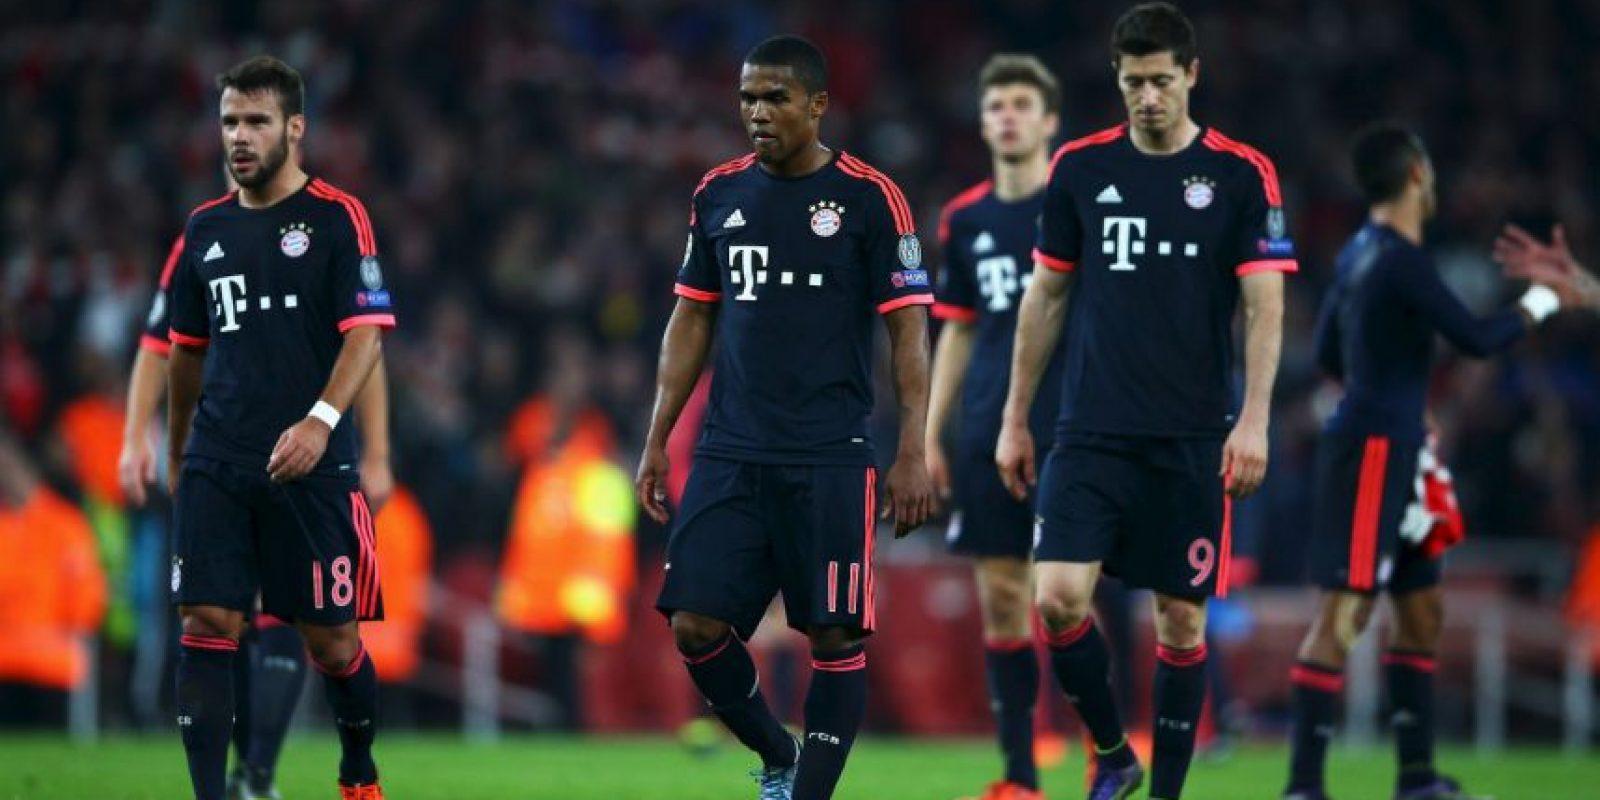 Precisamente superaron al combinado de Múnich en la jornada pasada Foto:Getty Images